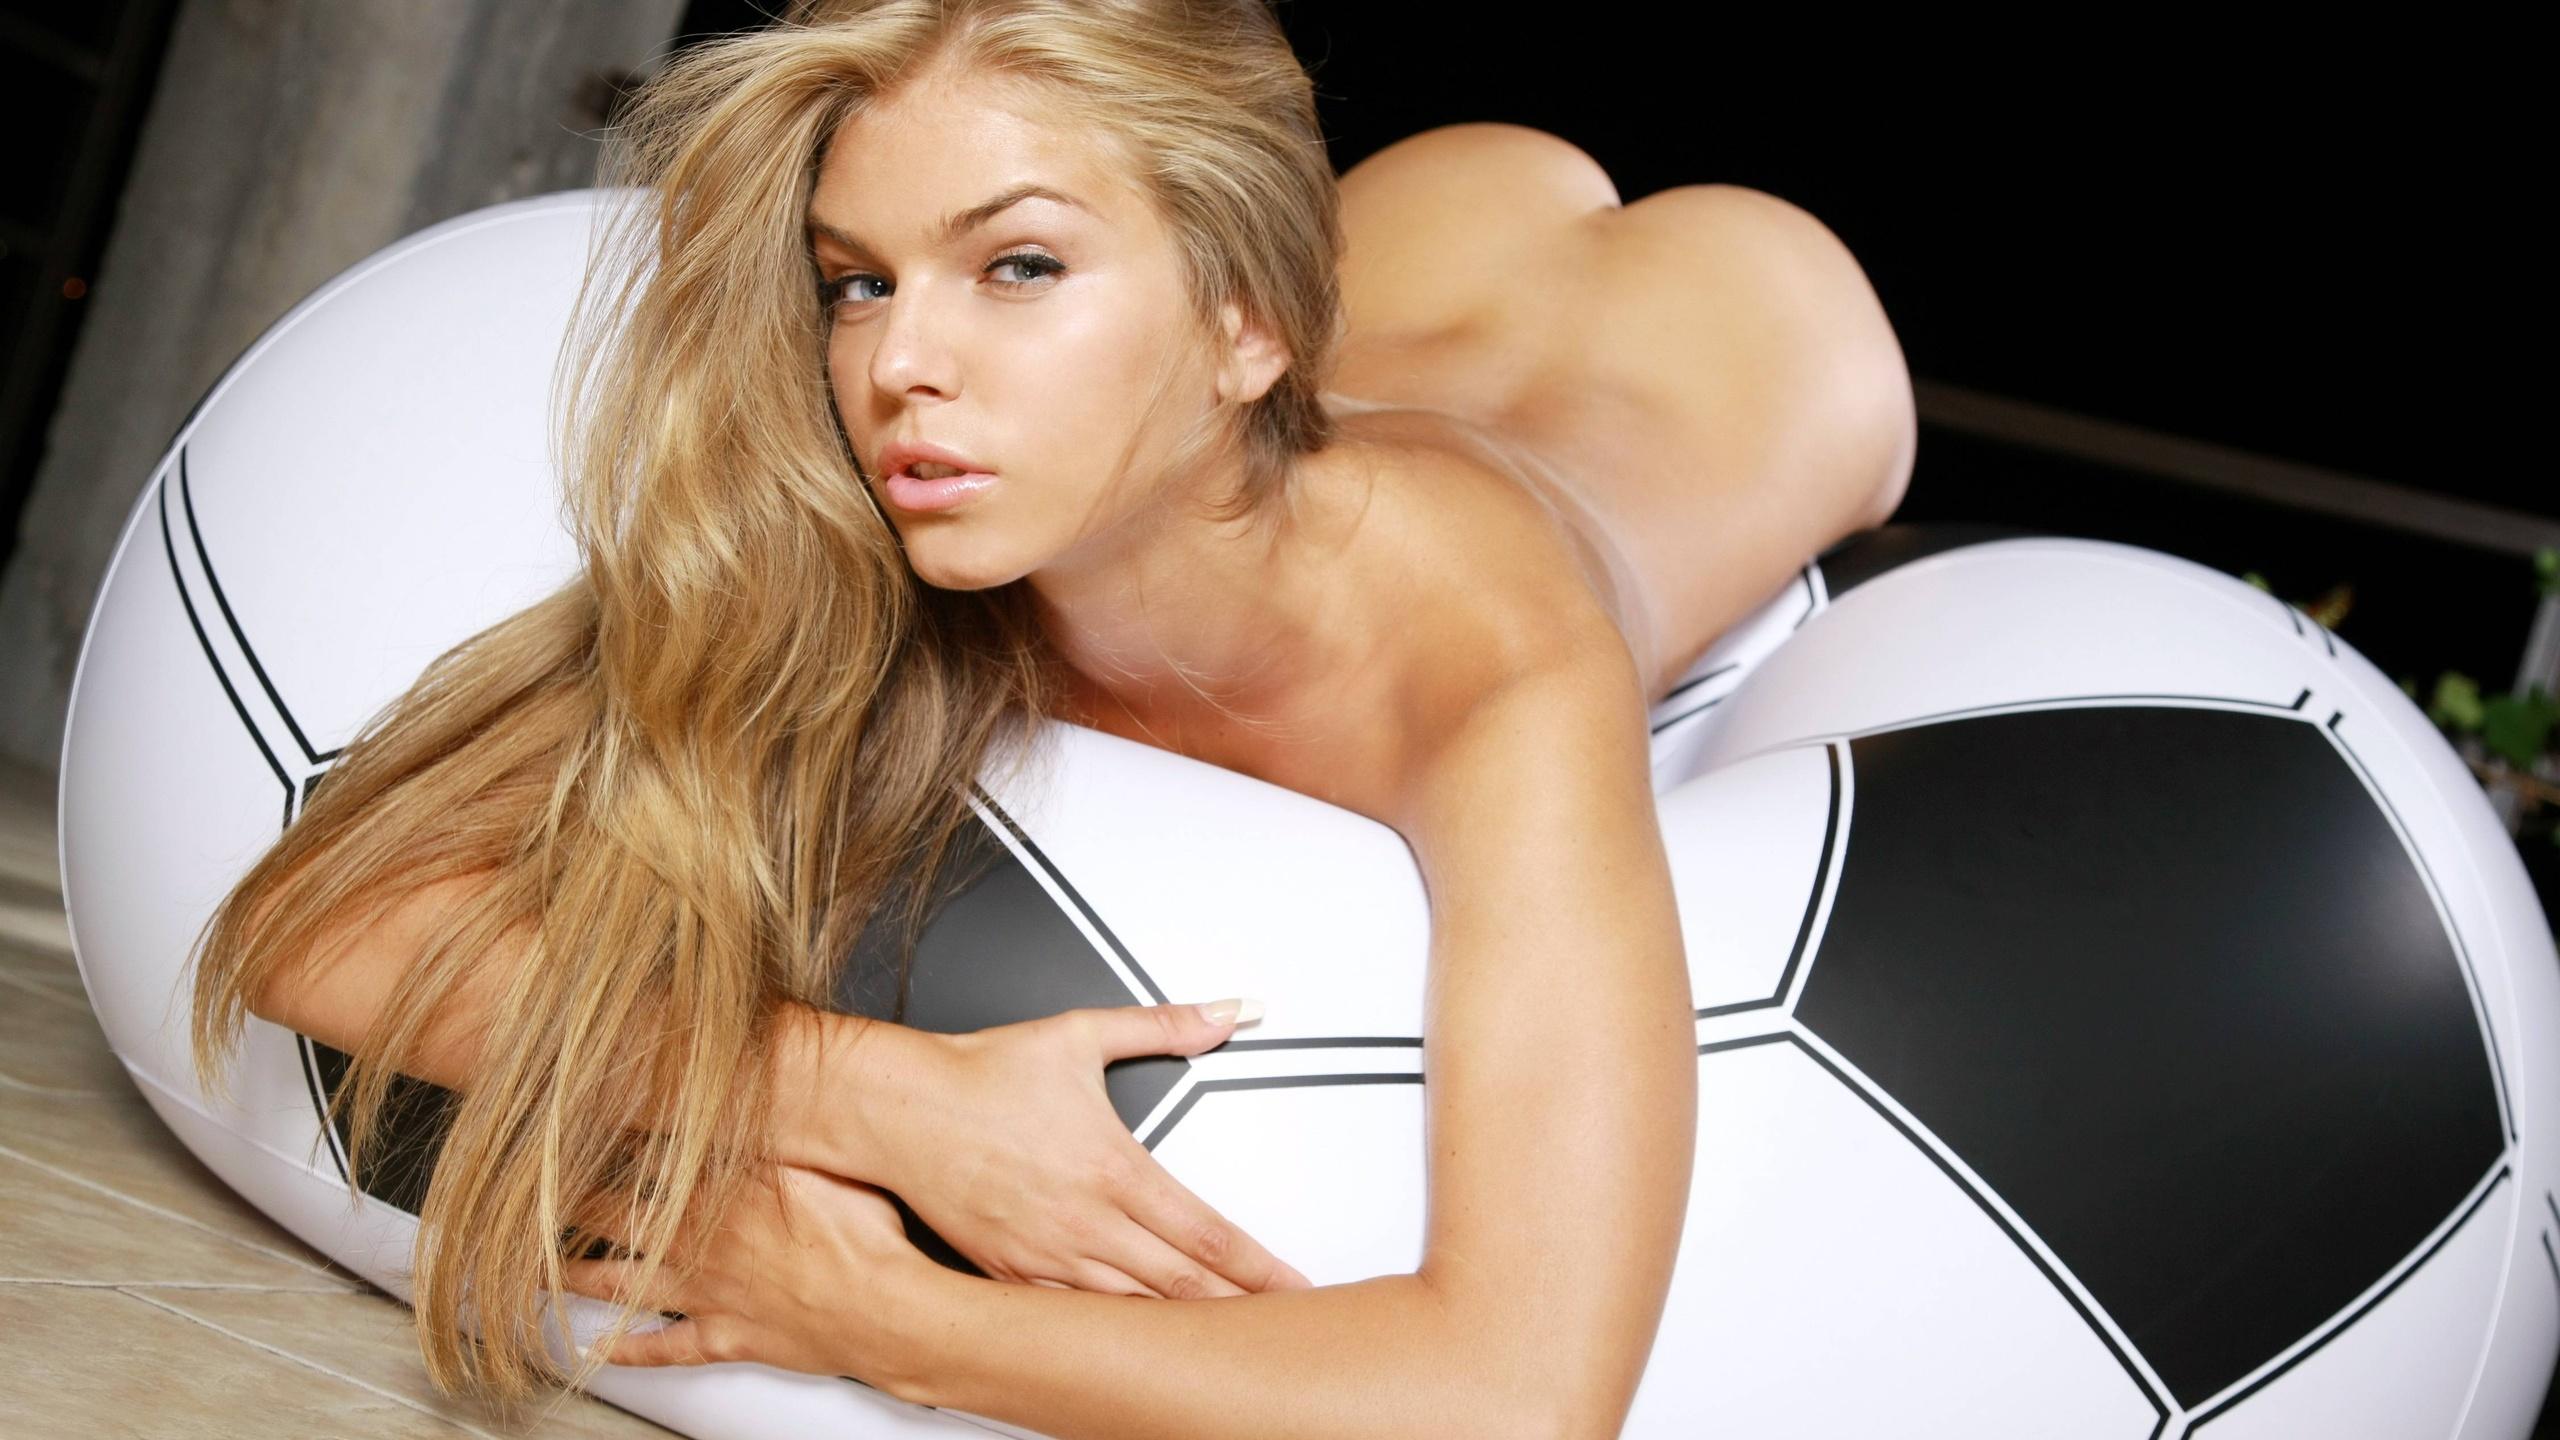 Супер мега секси гел 10 фотография